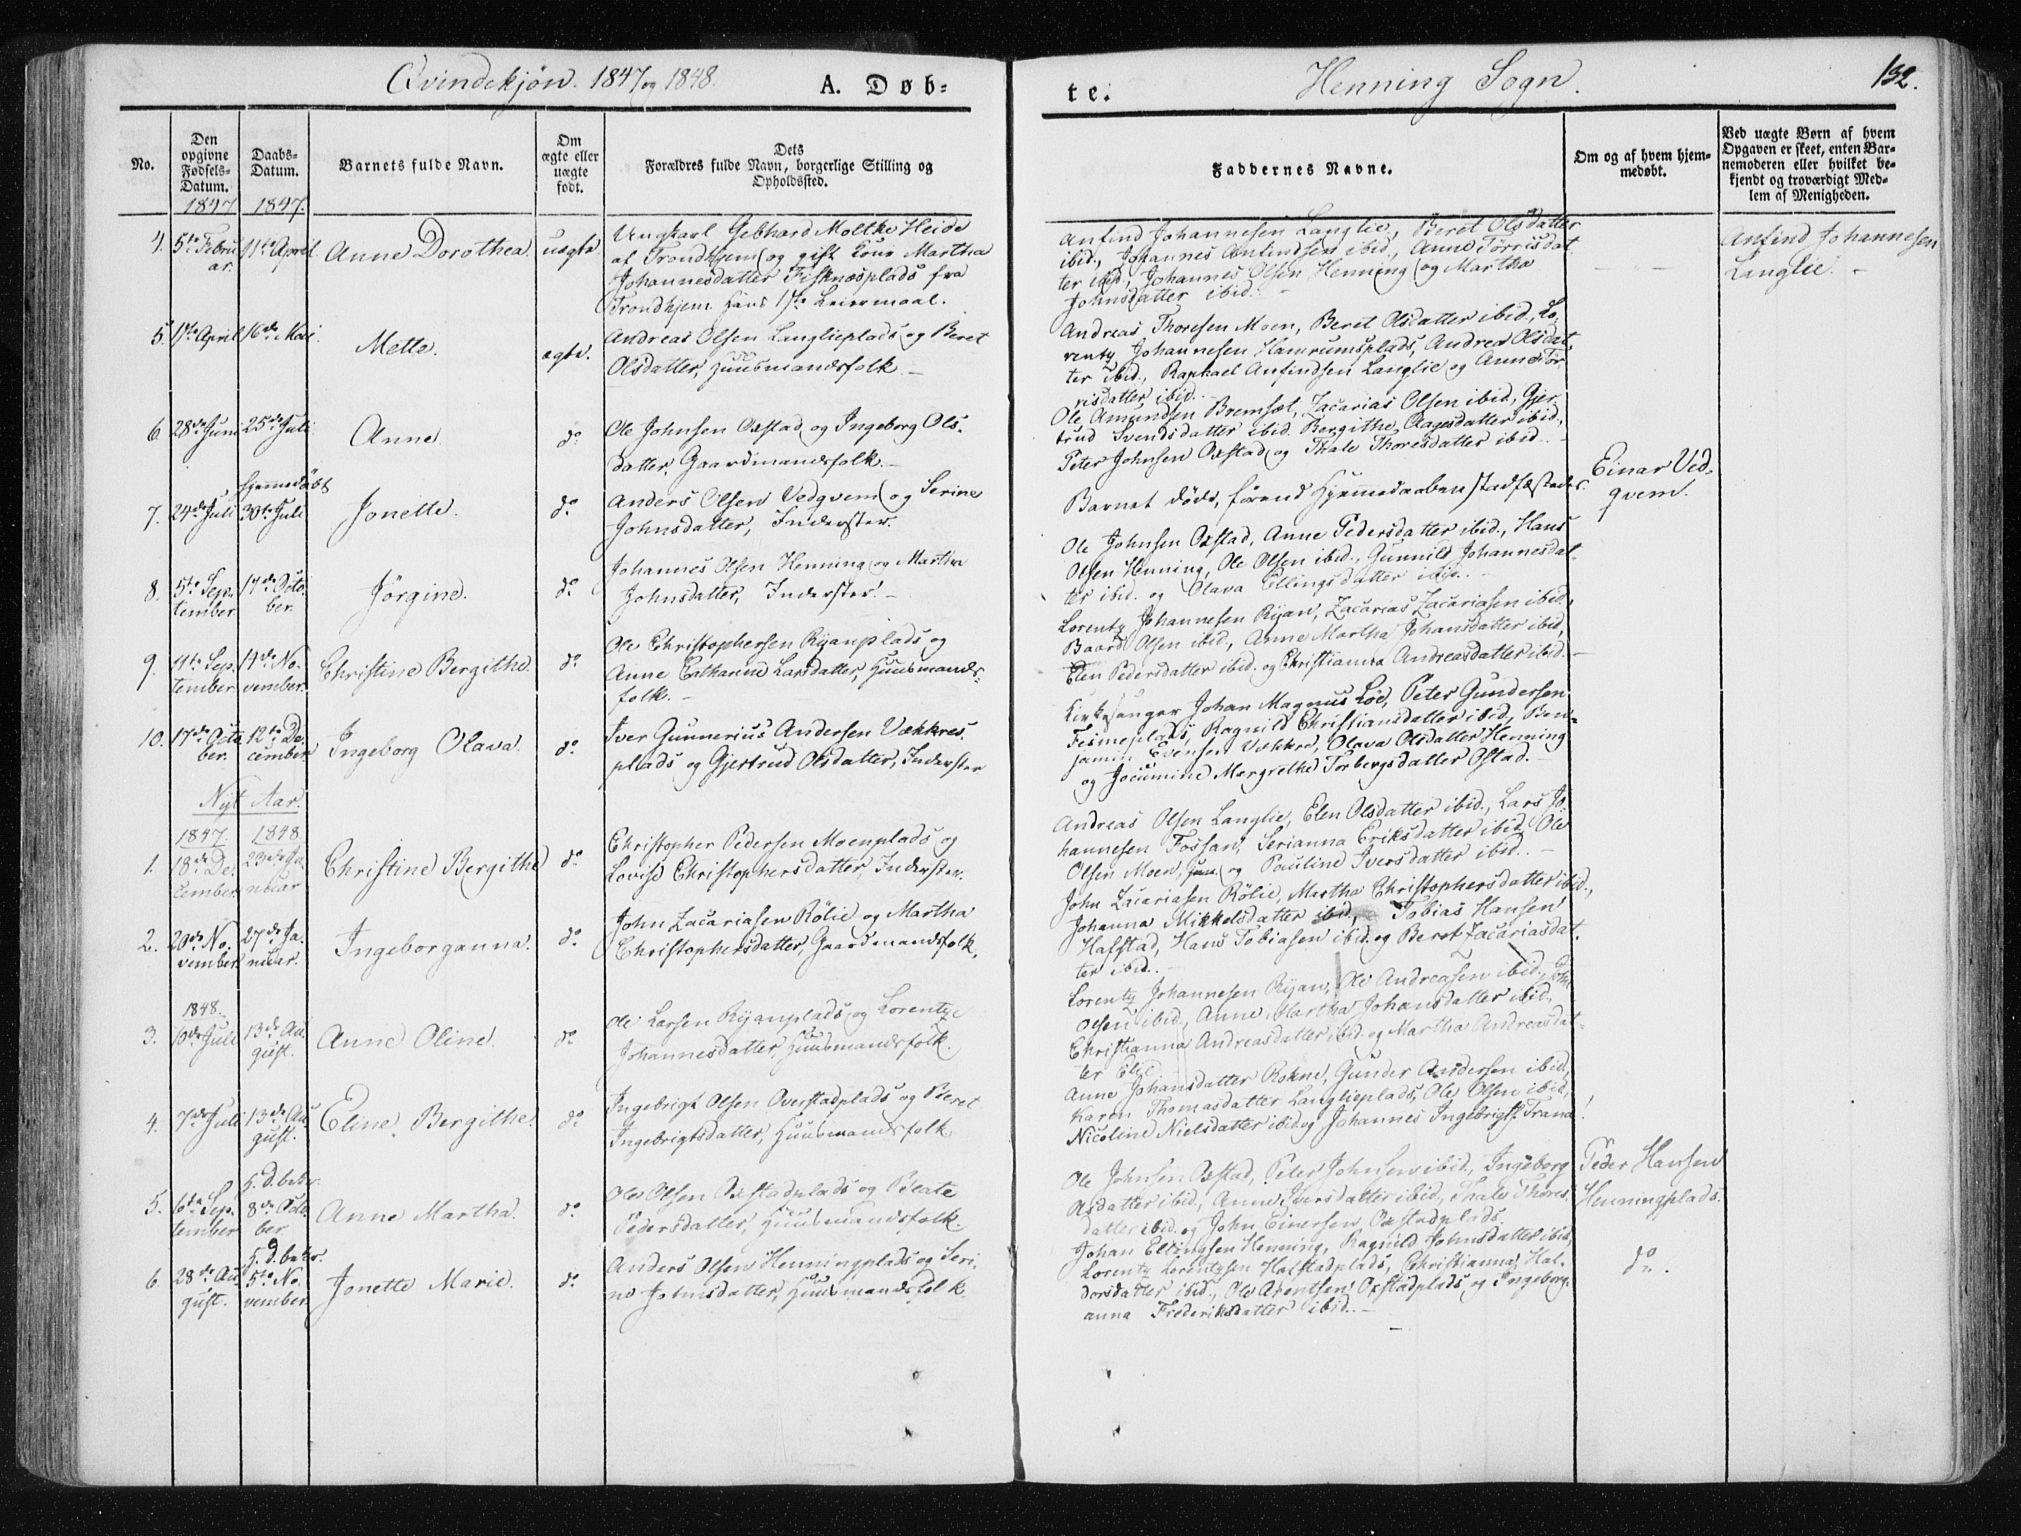 SAT, Ministerialprotokoller, klokkerbøker og fødselsregistre - Nord-Trøndelag, 735/L0339: Ministerialbok nr. 735A06 /3, 1836-1848, s. 132